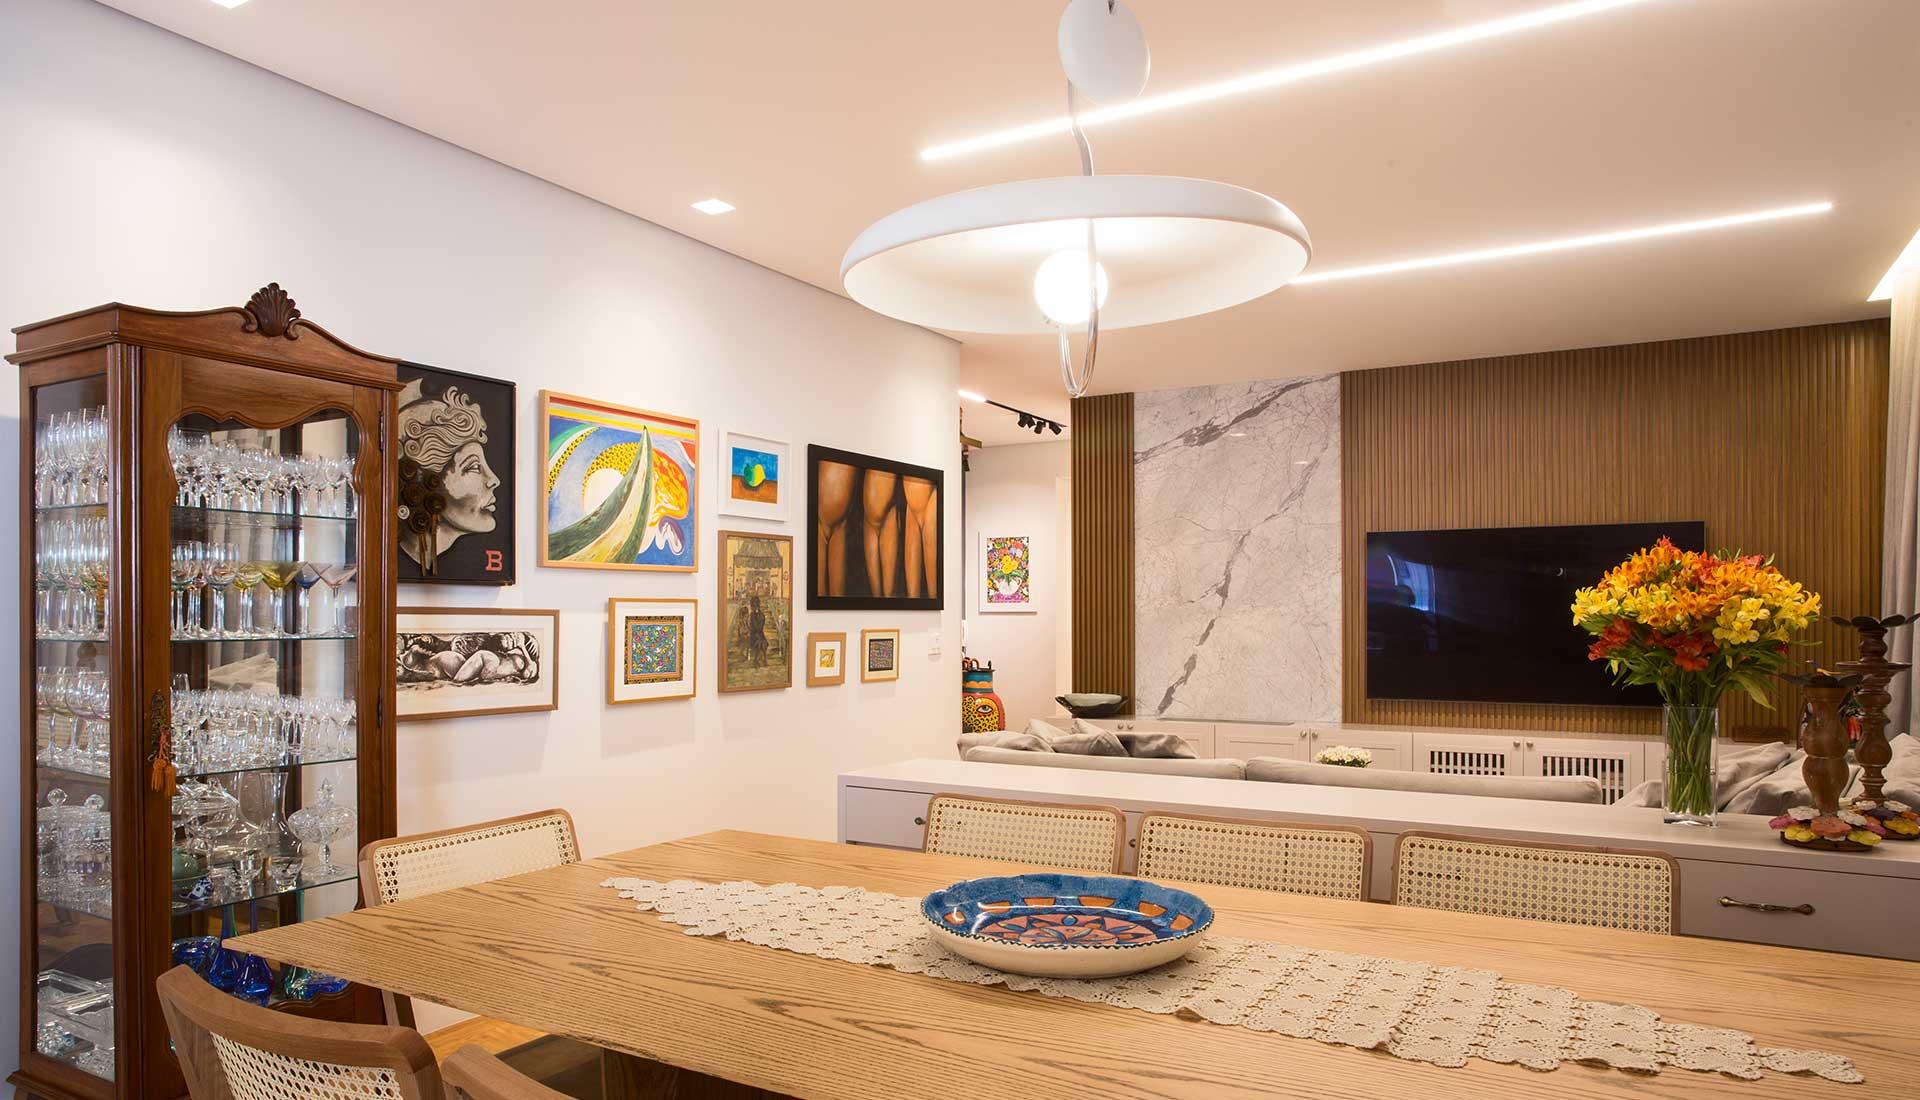 1920-flavio-machado-arquitetura-apartamento-moderno-cozinha-integrada-(1)